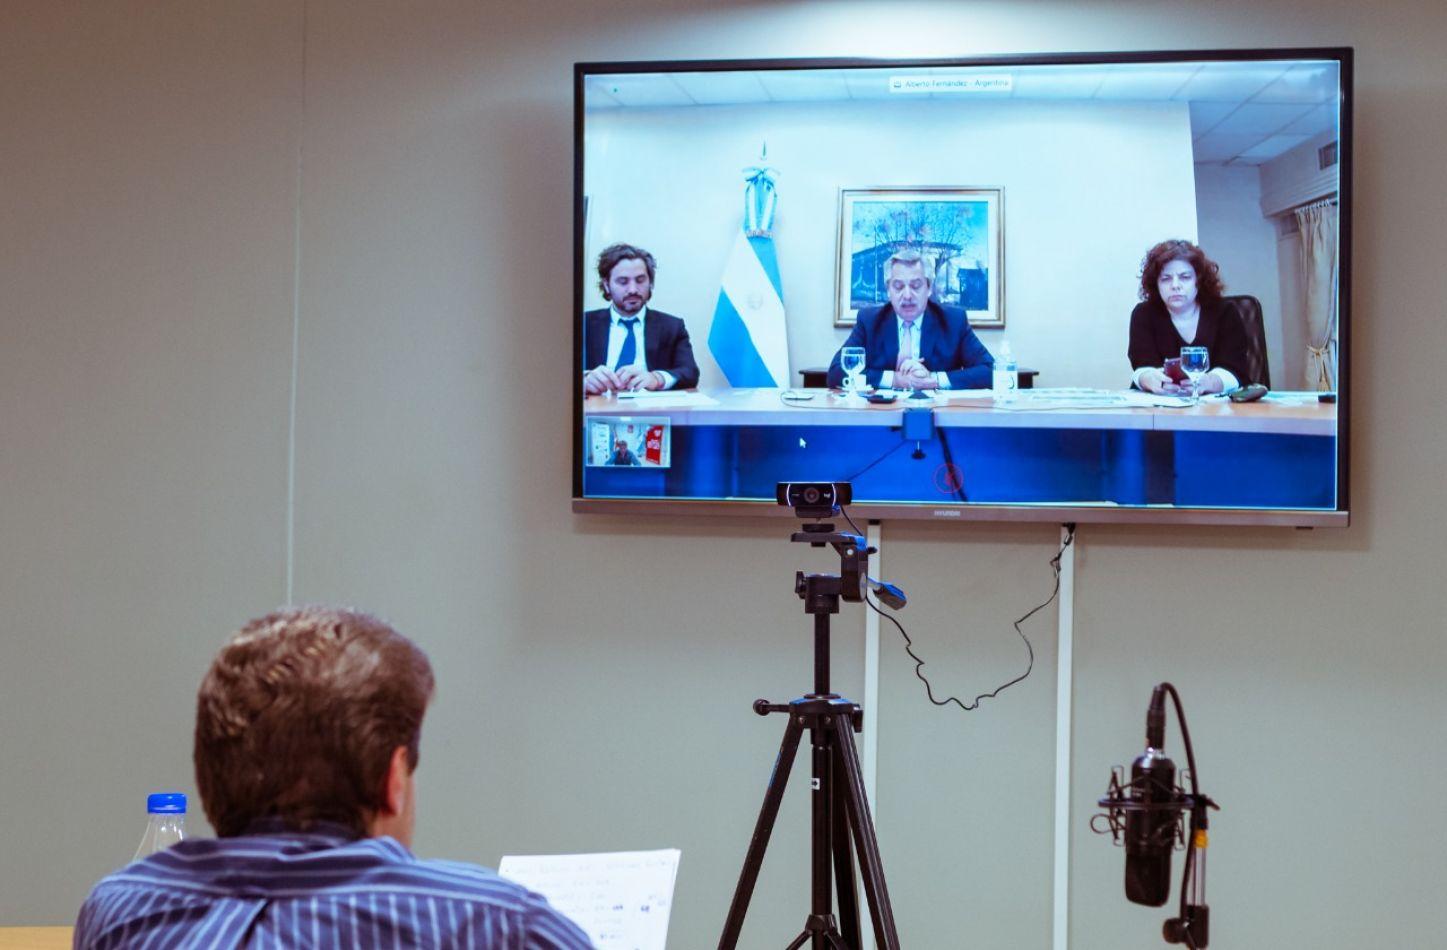 El Gobernador de Tierra del Fuego, AIAS, Gustavo Melella, mantuvo una reunión por videoconferencia con el Presidente Alberto Fernández.